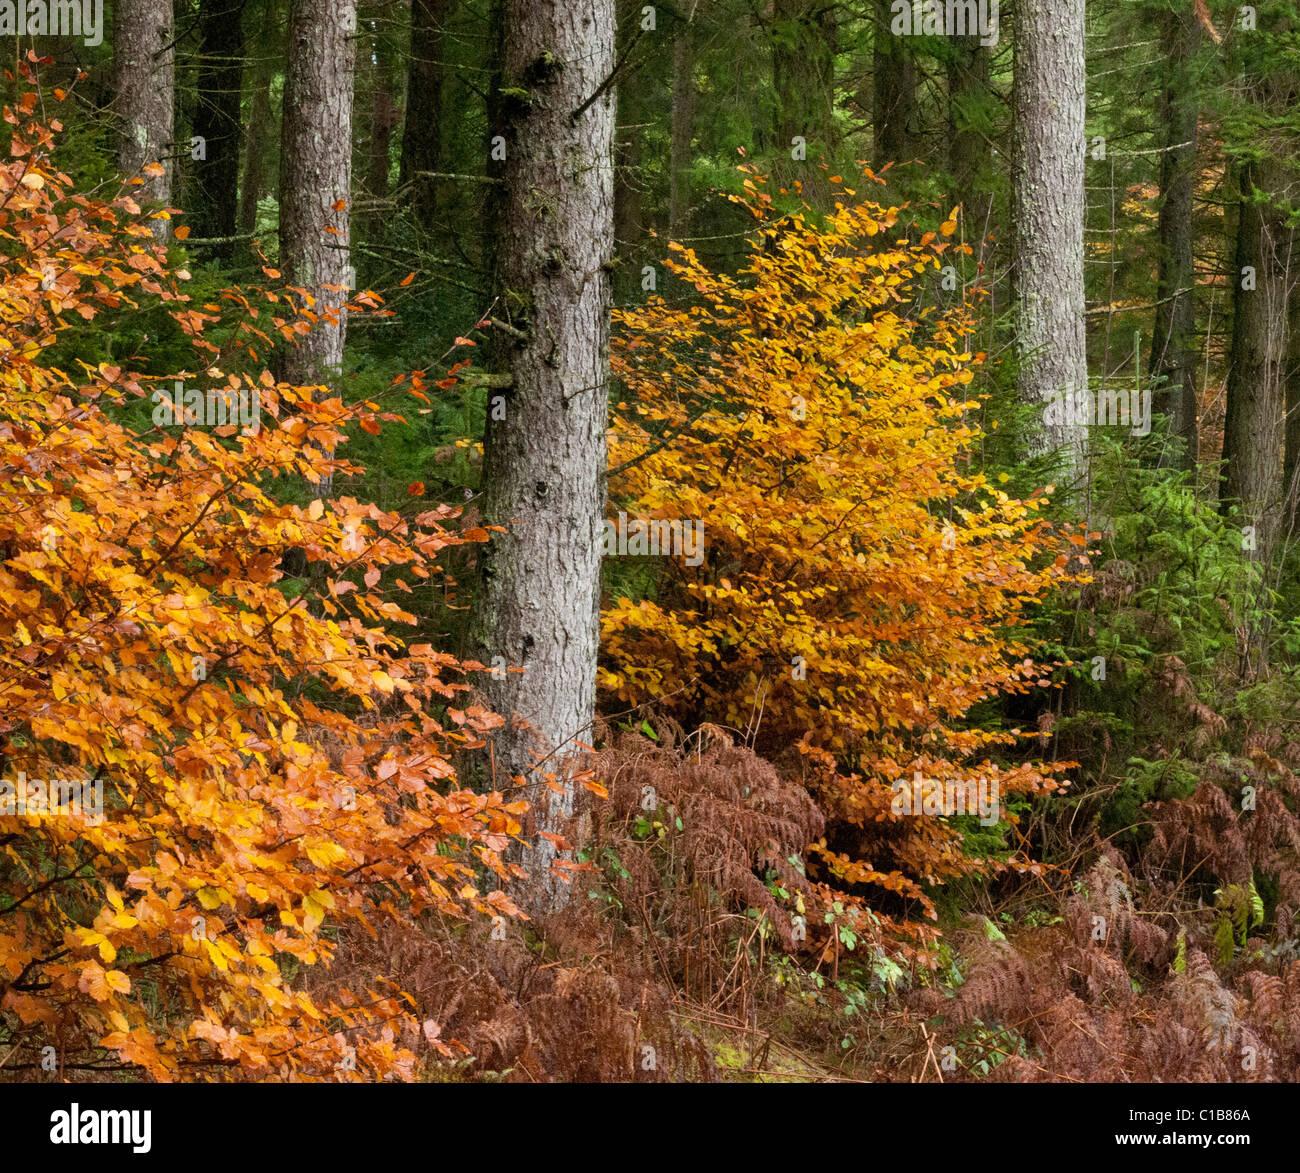 Anaranjado marrones de otoño hayedos deja en pie de troncos de plantación de abetos Foto de stock